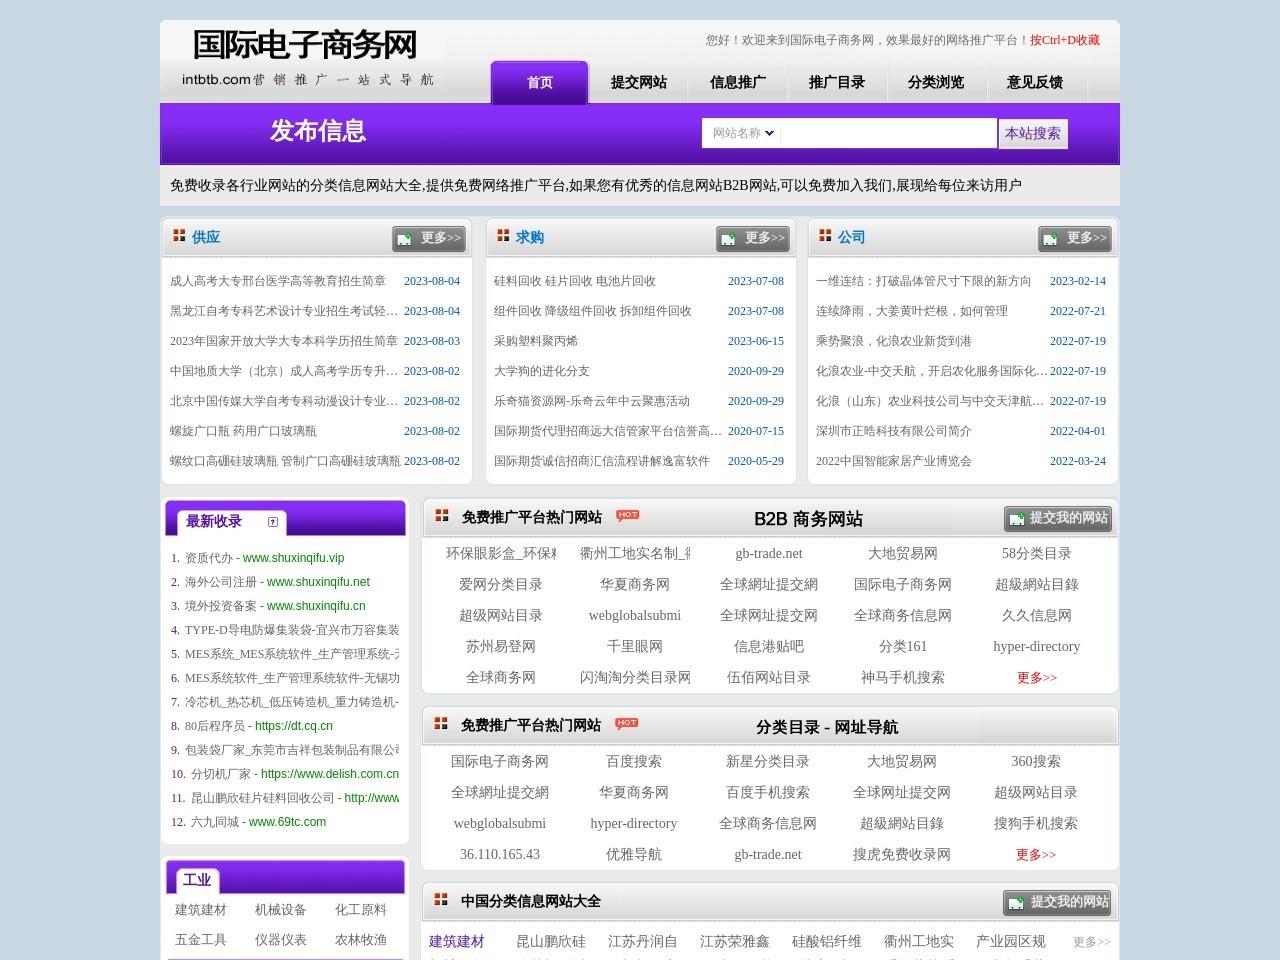 国际电子商务网